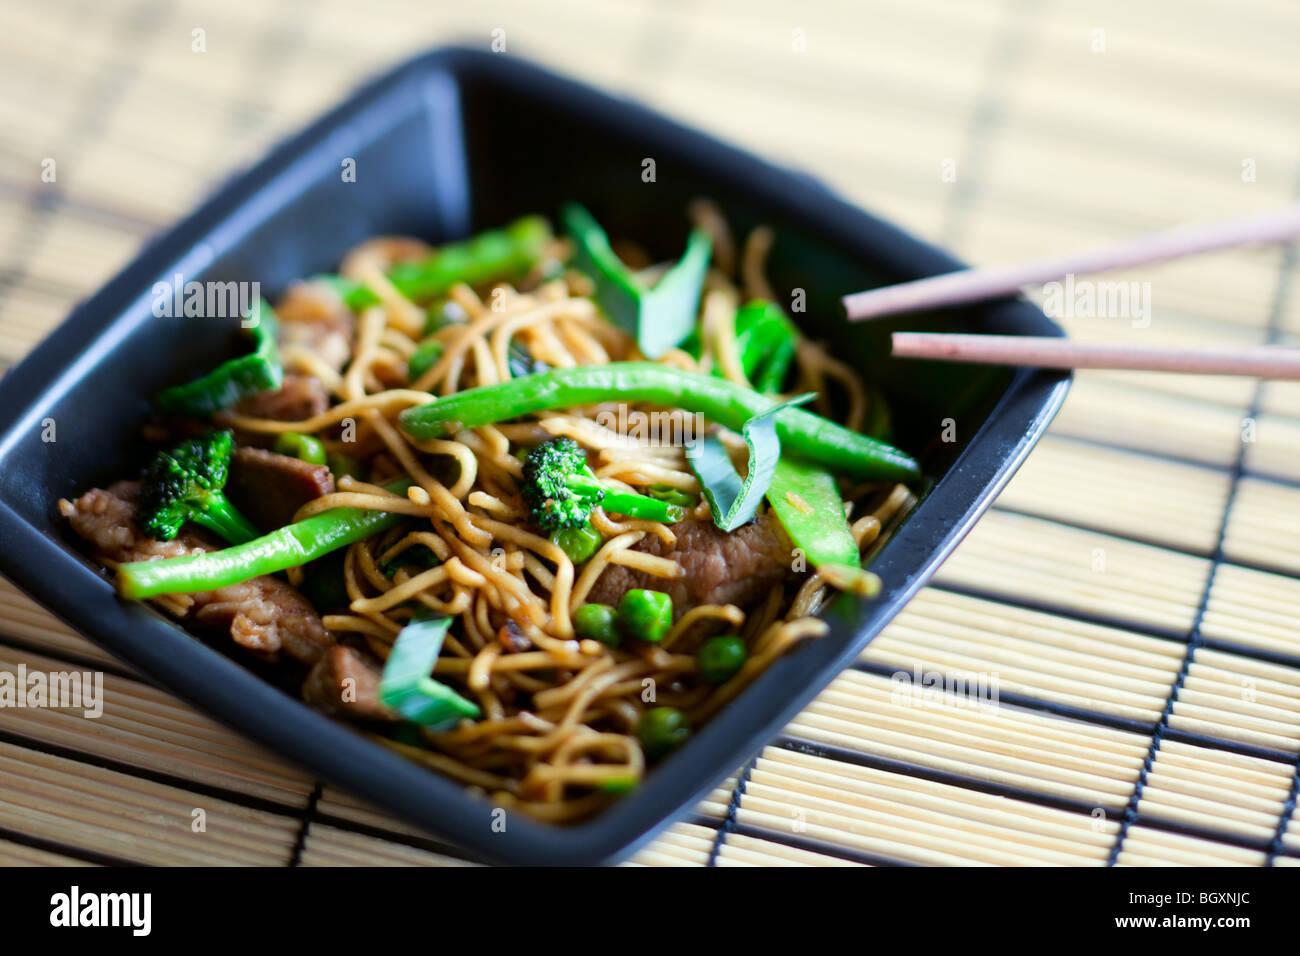 Deliciosa carne wok Imagen De Stock